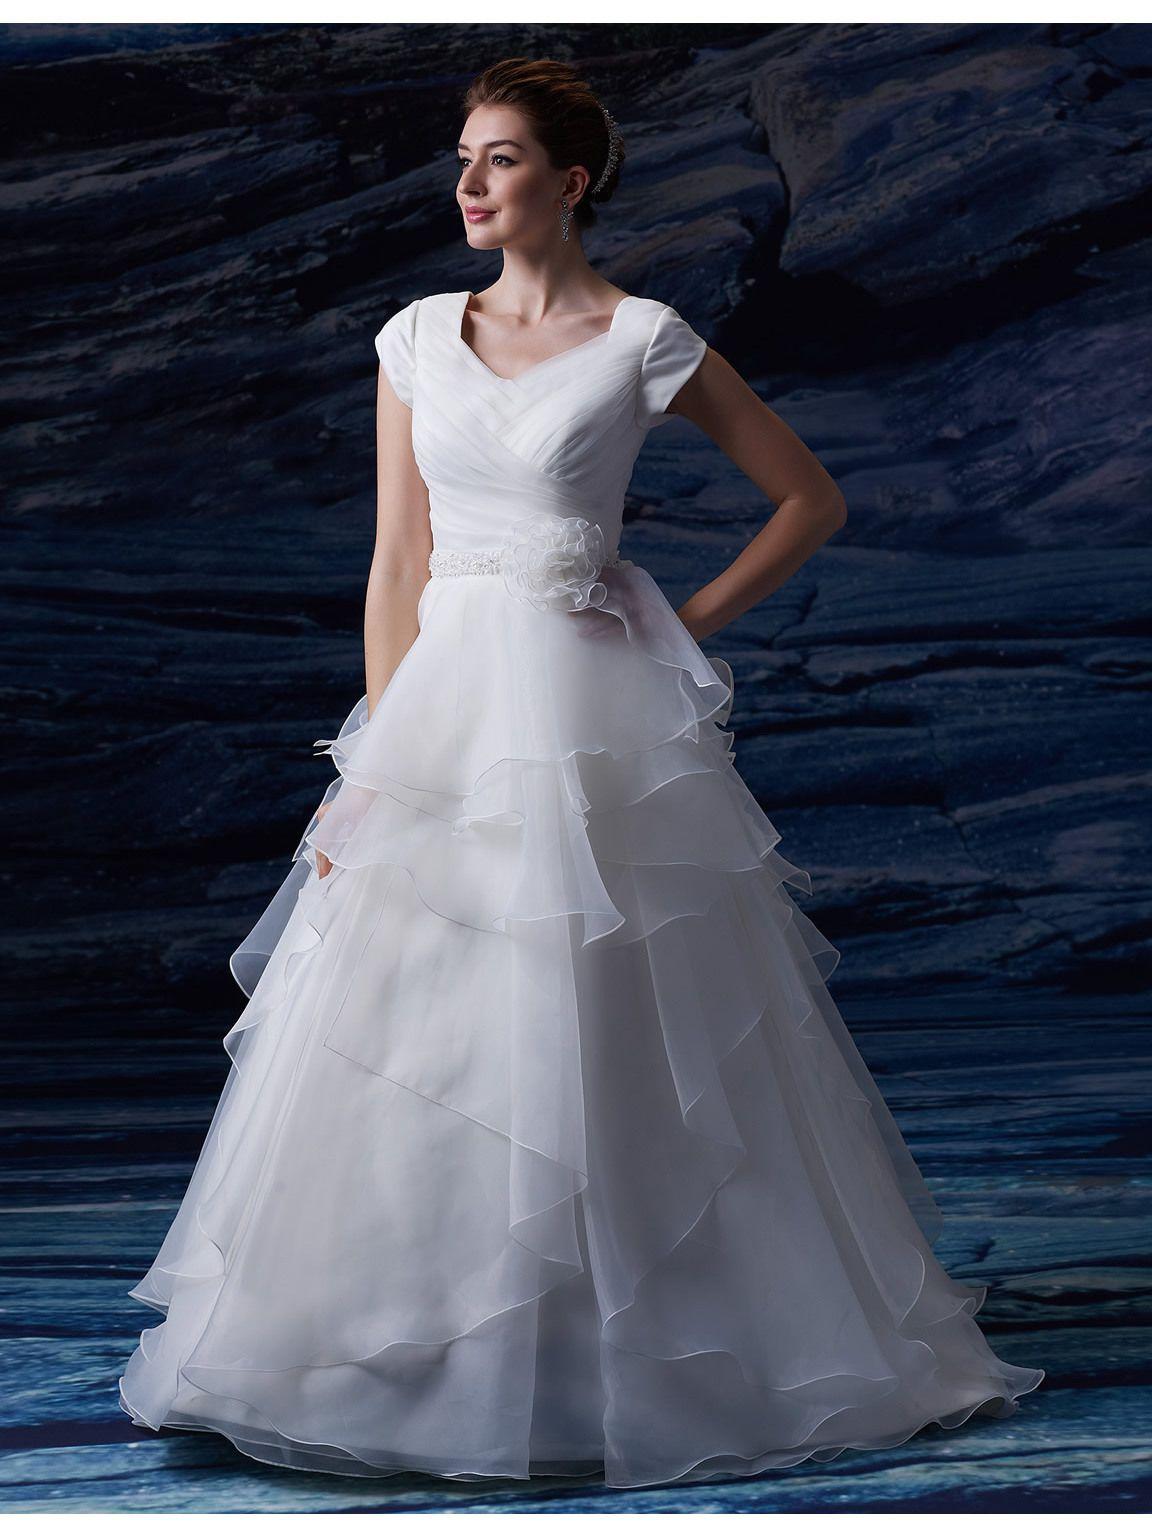 Increspature Organza Abiti da sposa lunghi modesti con maniche ad aletta A-line Bottoni cintura in rilievo Abiti da sposa paese indietro con pieghe fiore